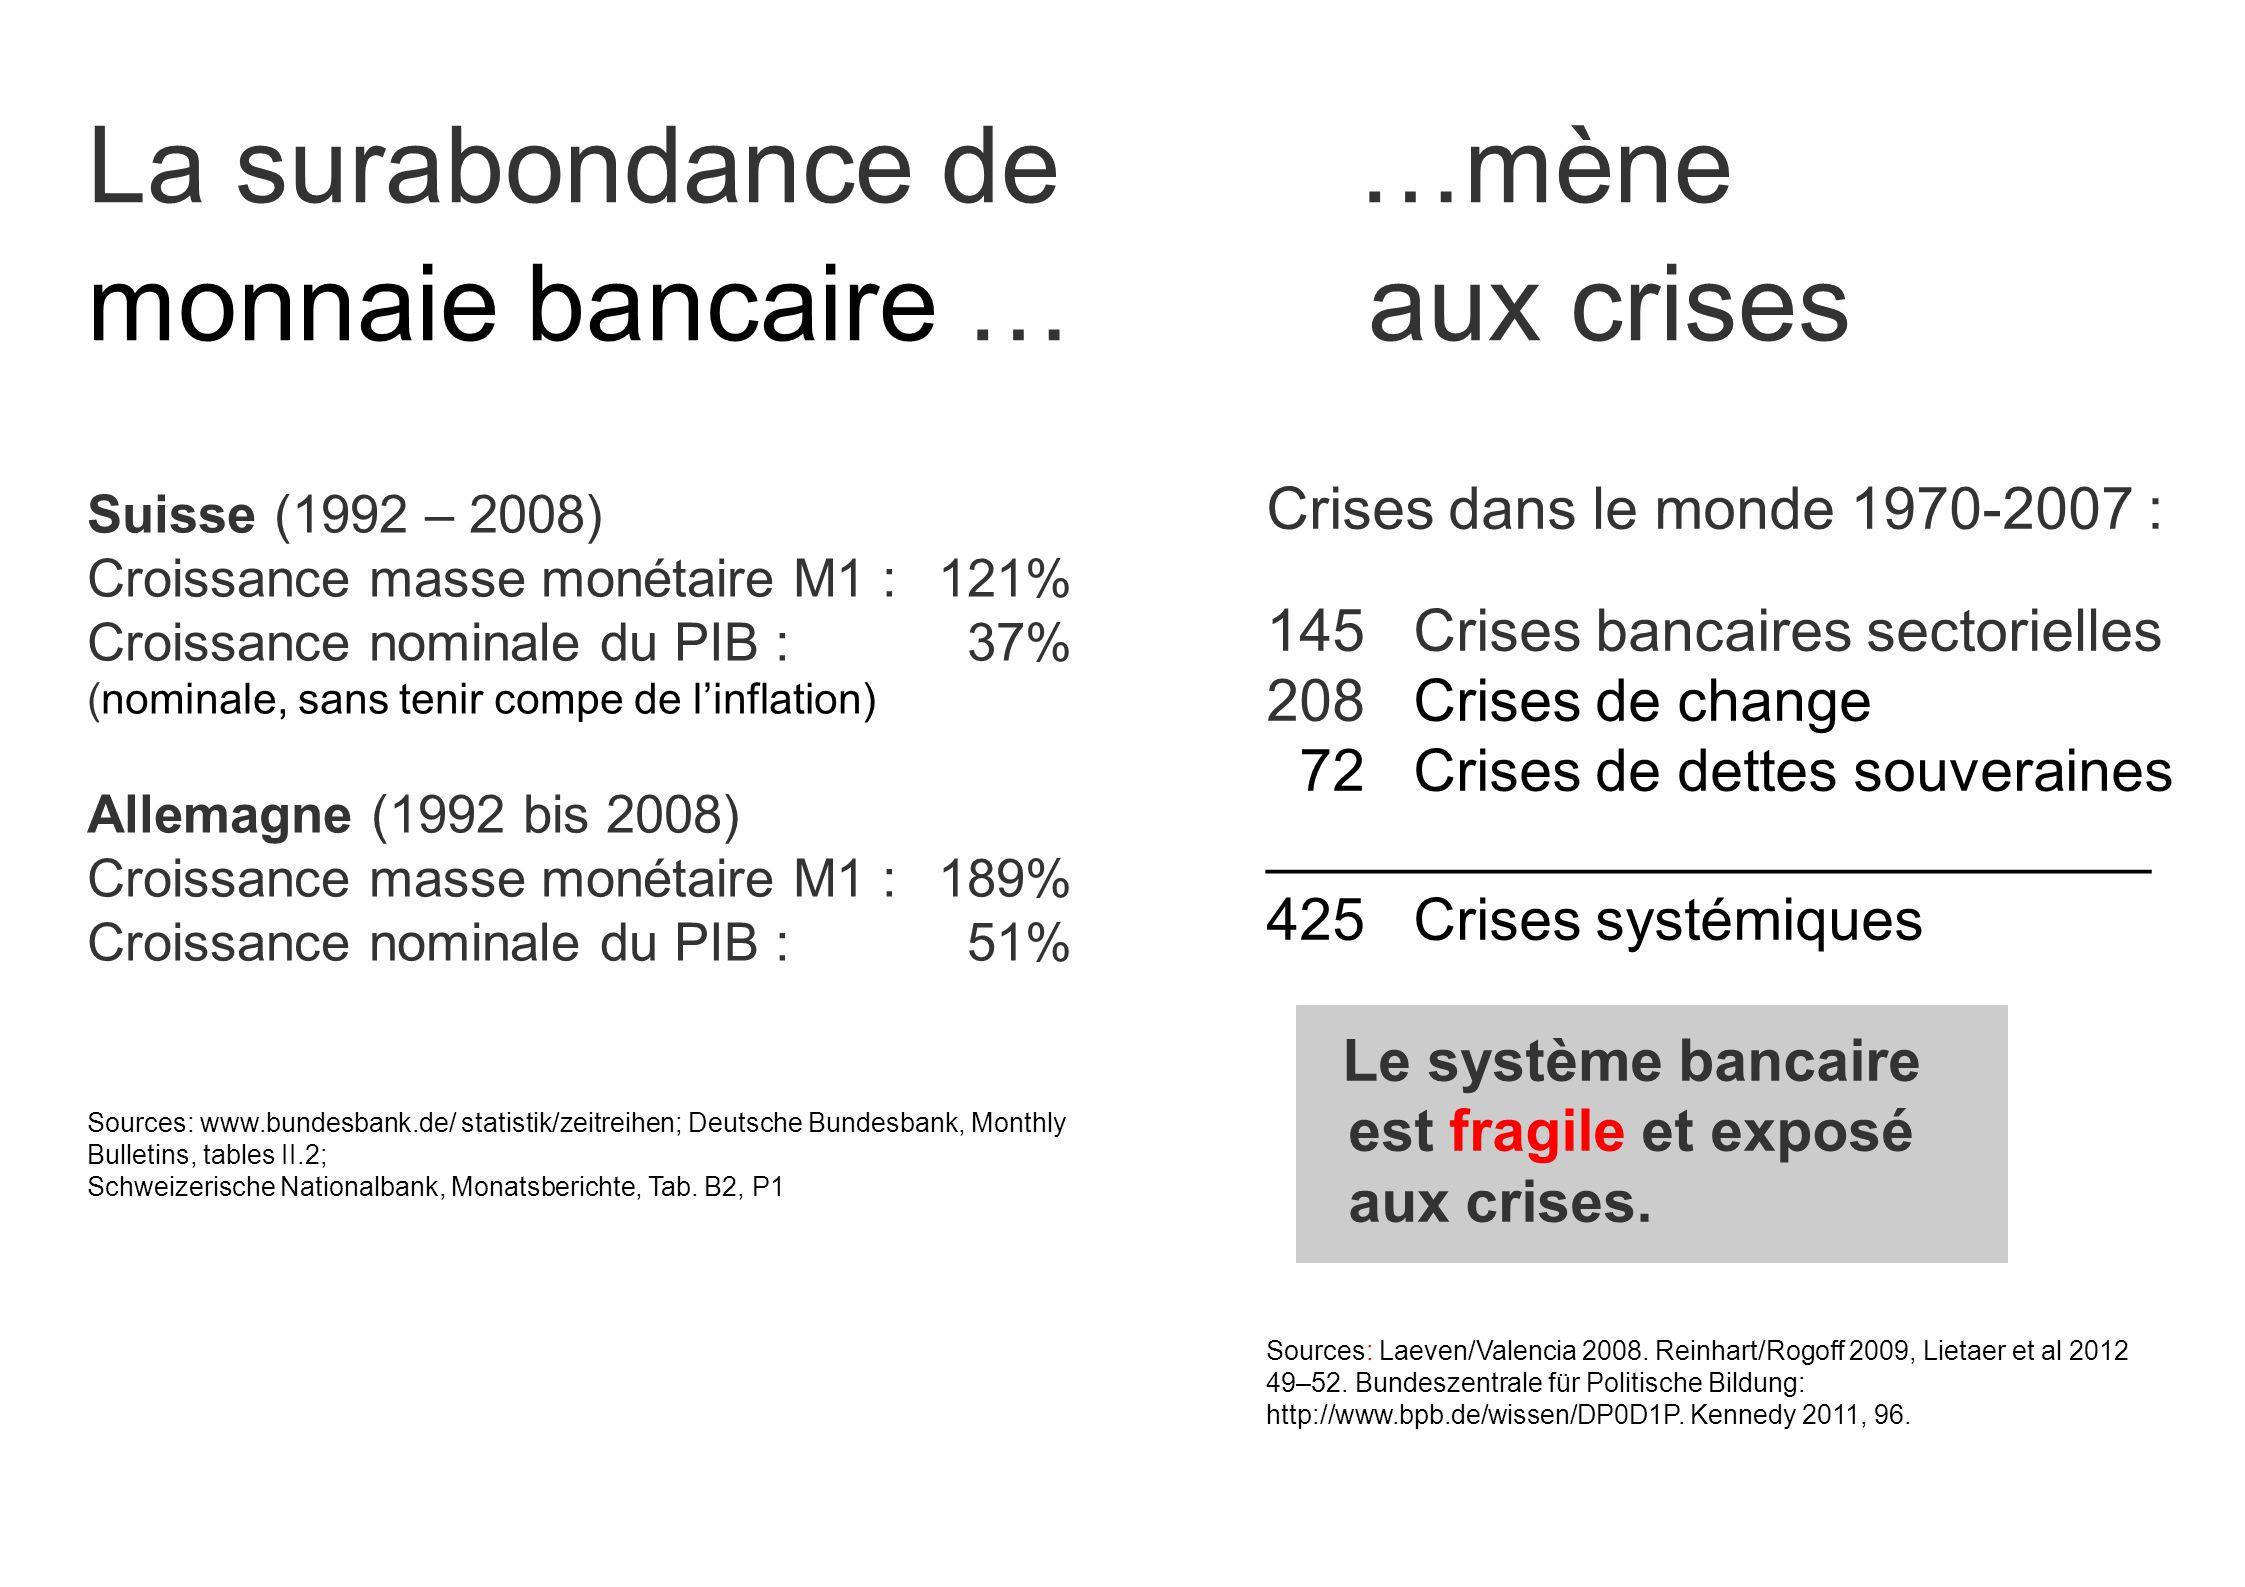 Crises dans le monde 1970-2007 : 145 Crises bancaires sectorielles 208 Crises de change 72 Crises de dettes souveraines ___________________________ 42